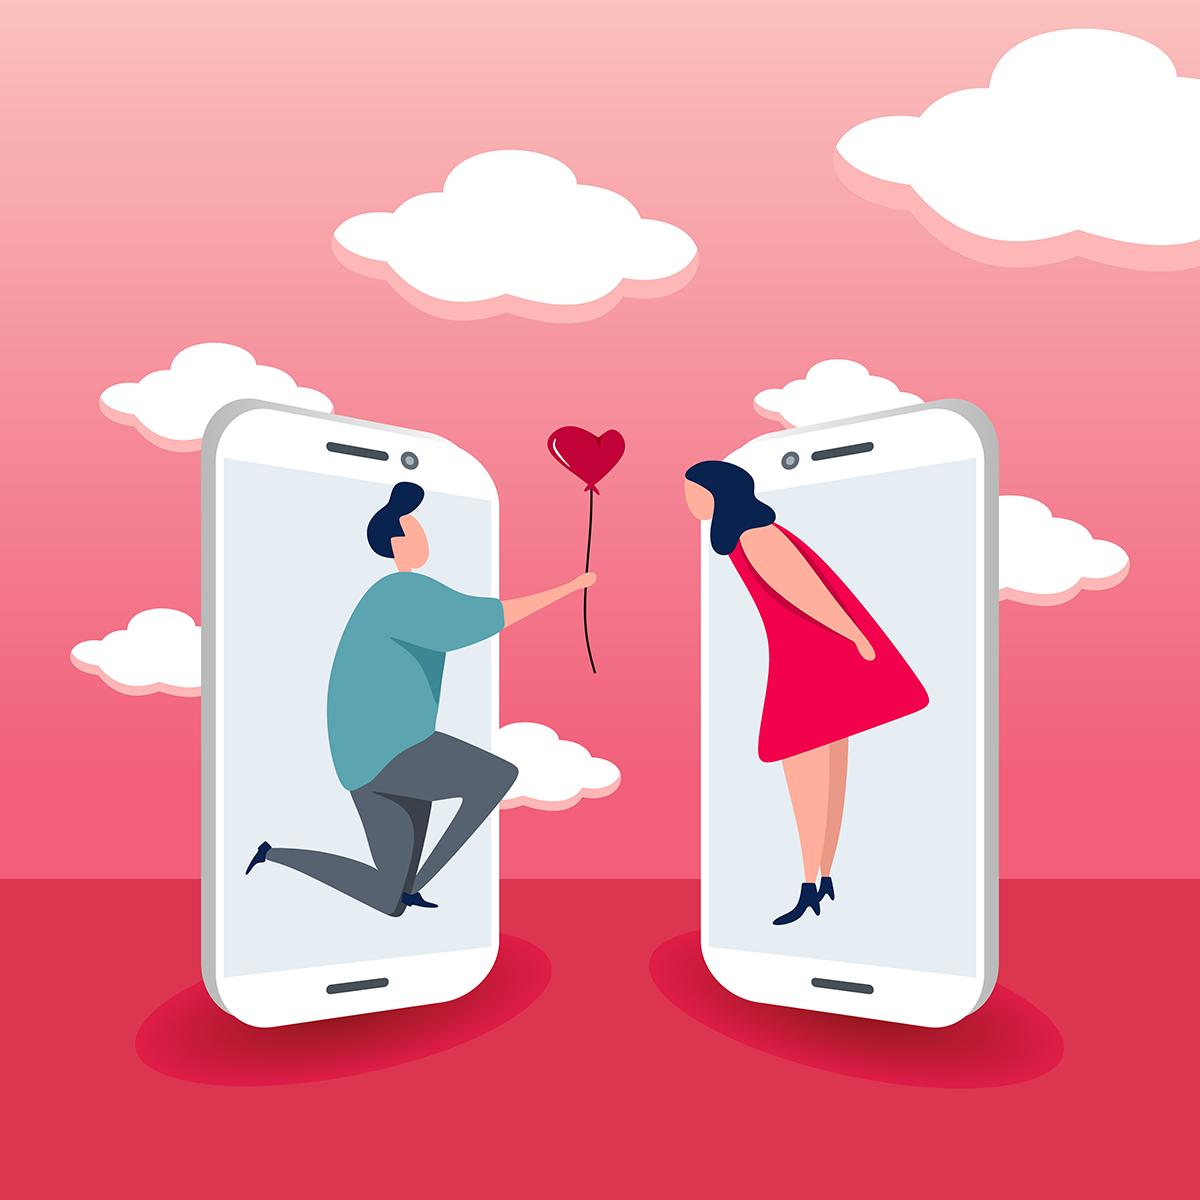 Khám phá phong cách hẹn hò của bạn dựa trên 16 kiểu tính cách MBTI - 1